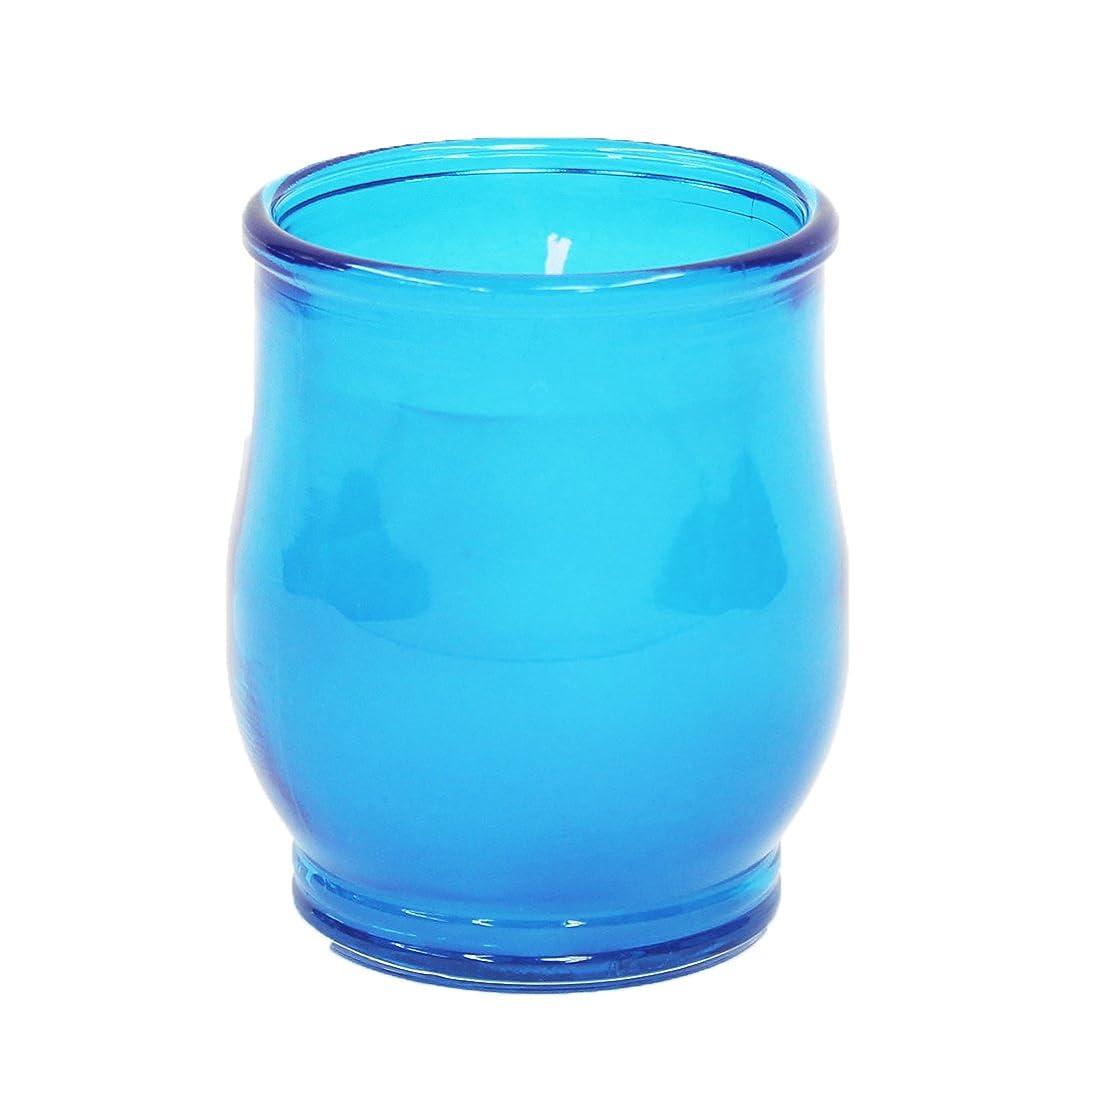 スマイル思春期の感謝しているポシェ(非常用コップローソク) 「 ブルー 」